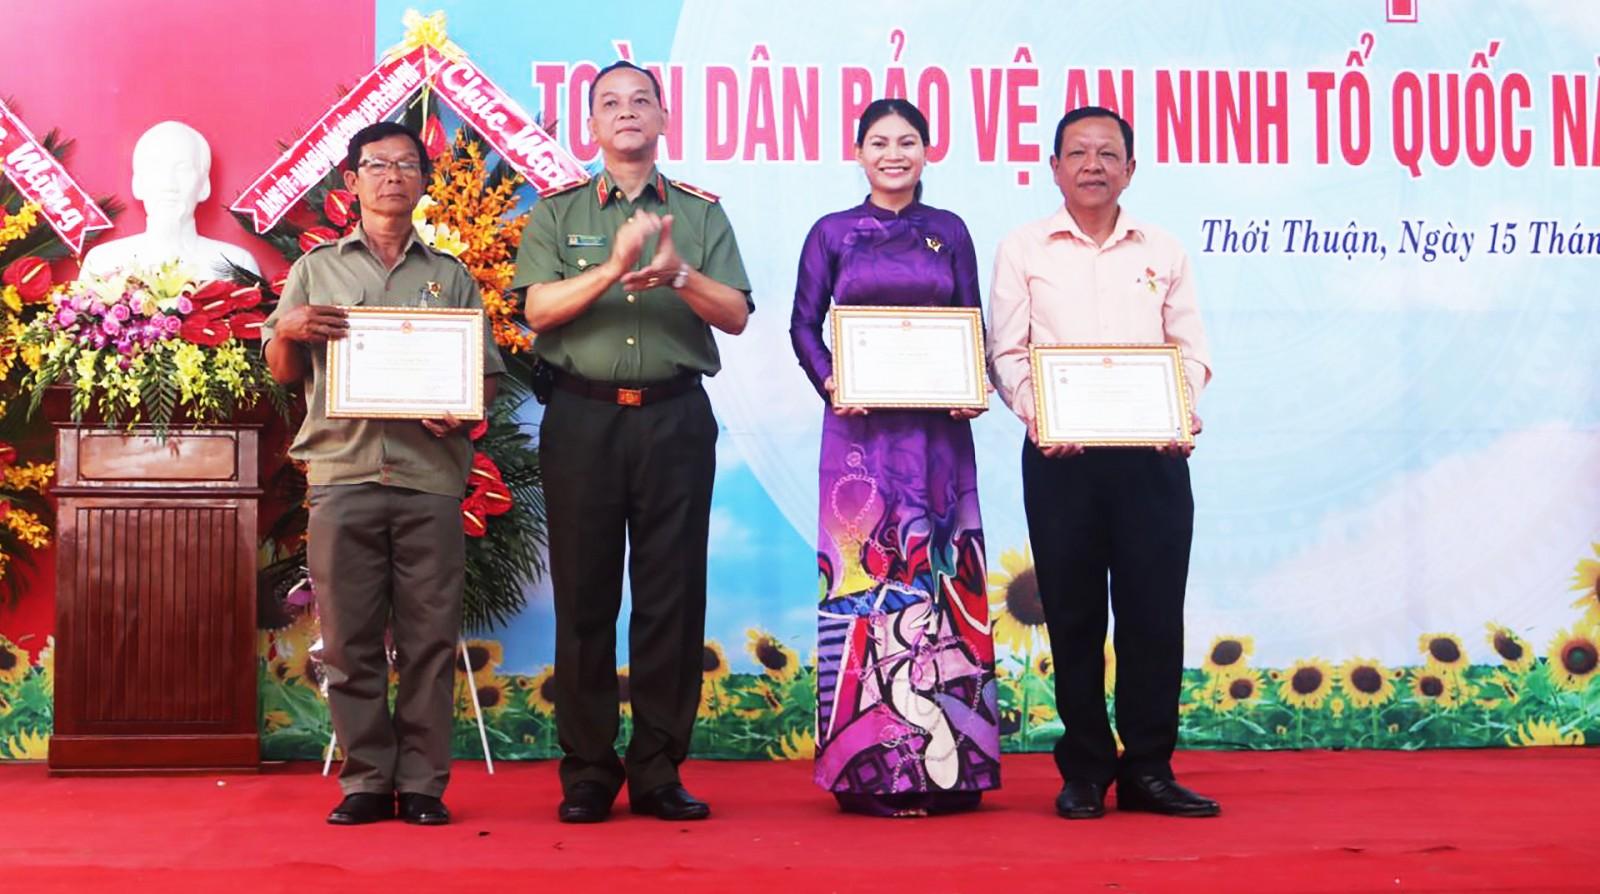 Thiếu tướng Đặng Hoàng Đa, Phó Cục trưởng Cục Xây dựng phong trào TDBVANTQ trao Kỷ niệm chương của Bộ Công an cho các cá nhân có nhiều đóng góp trong giữ gìn an ninh trật tự.